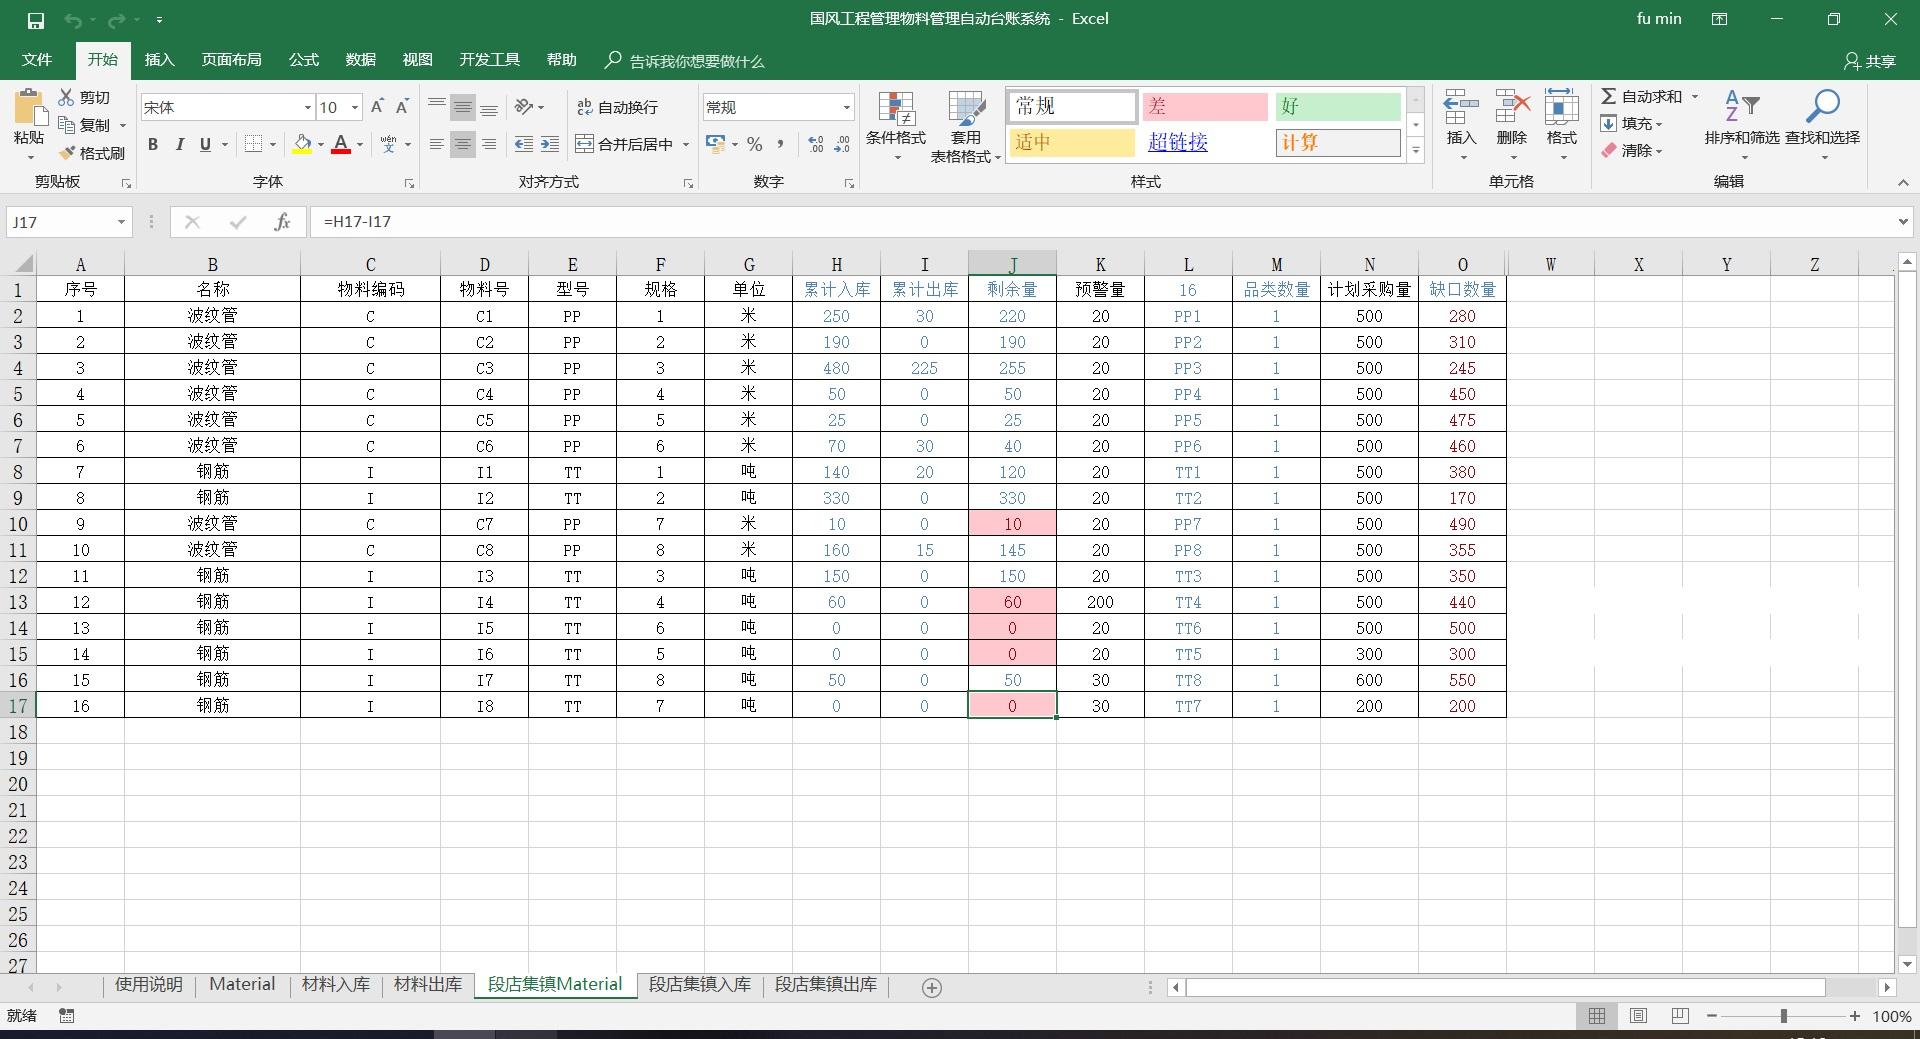 国风仓储管理自动台账系统 Build 20180810 官方版